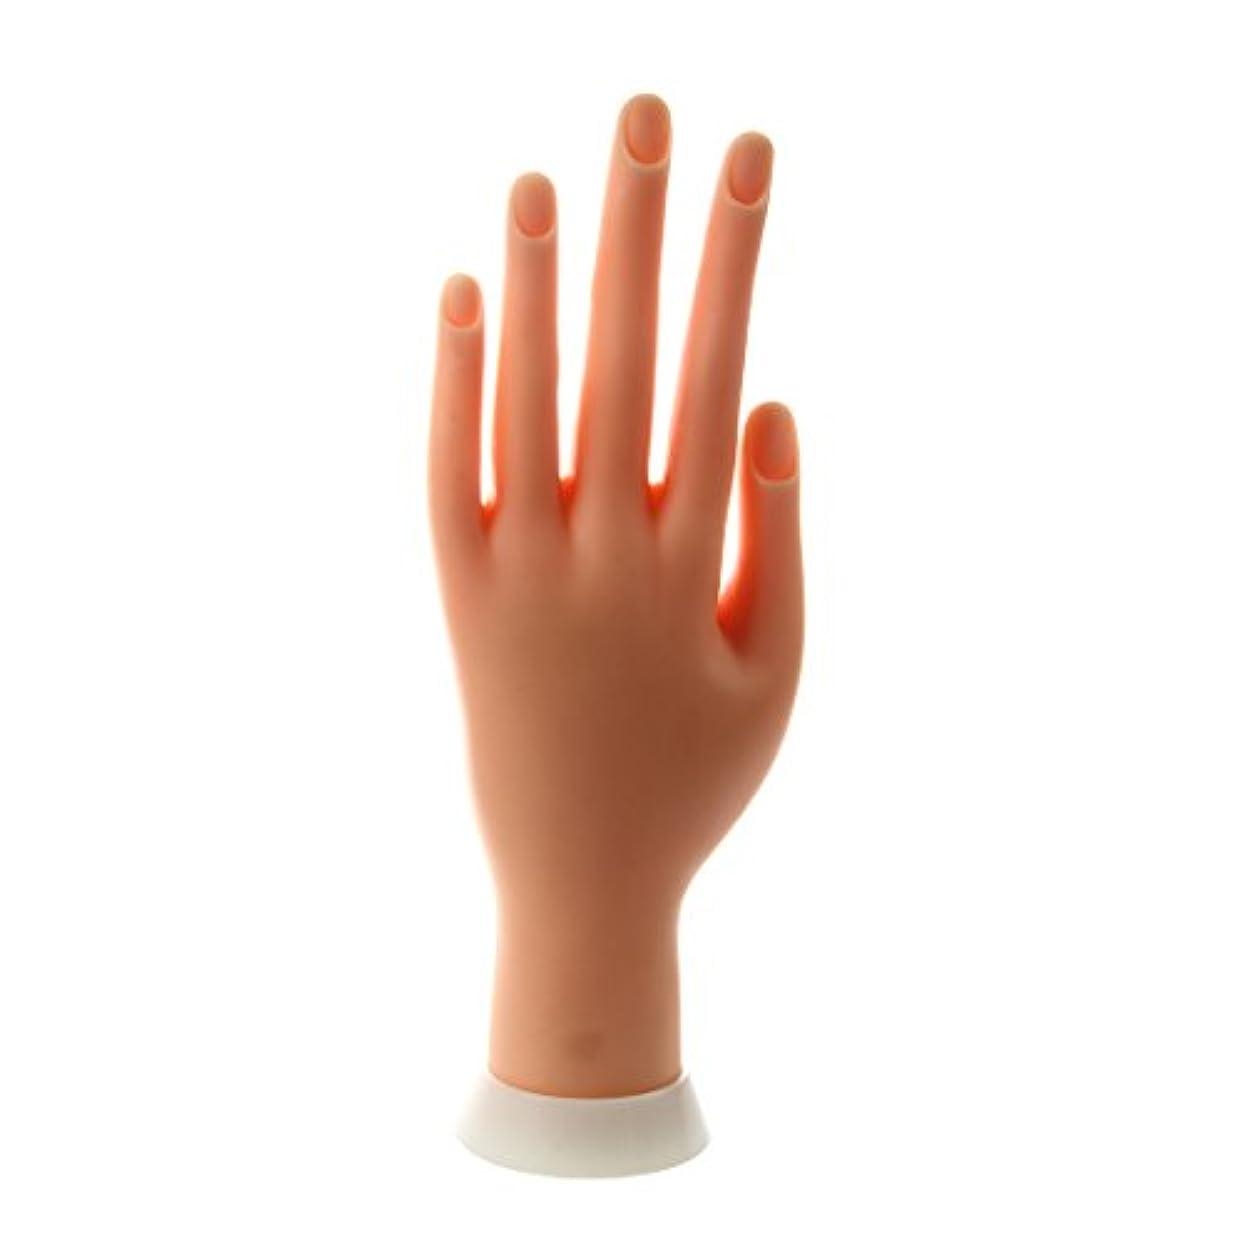 むちゃくちゃ真実に世代Gaoominy Gaoominy(R) ネイルアートの練習のためのモデル左手